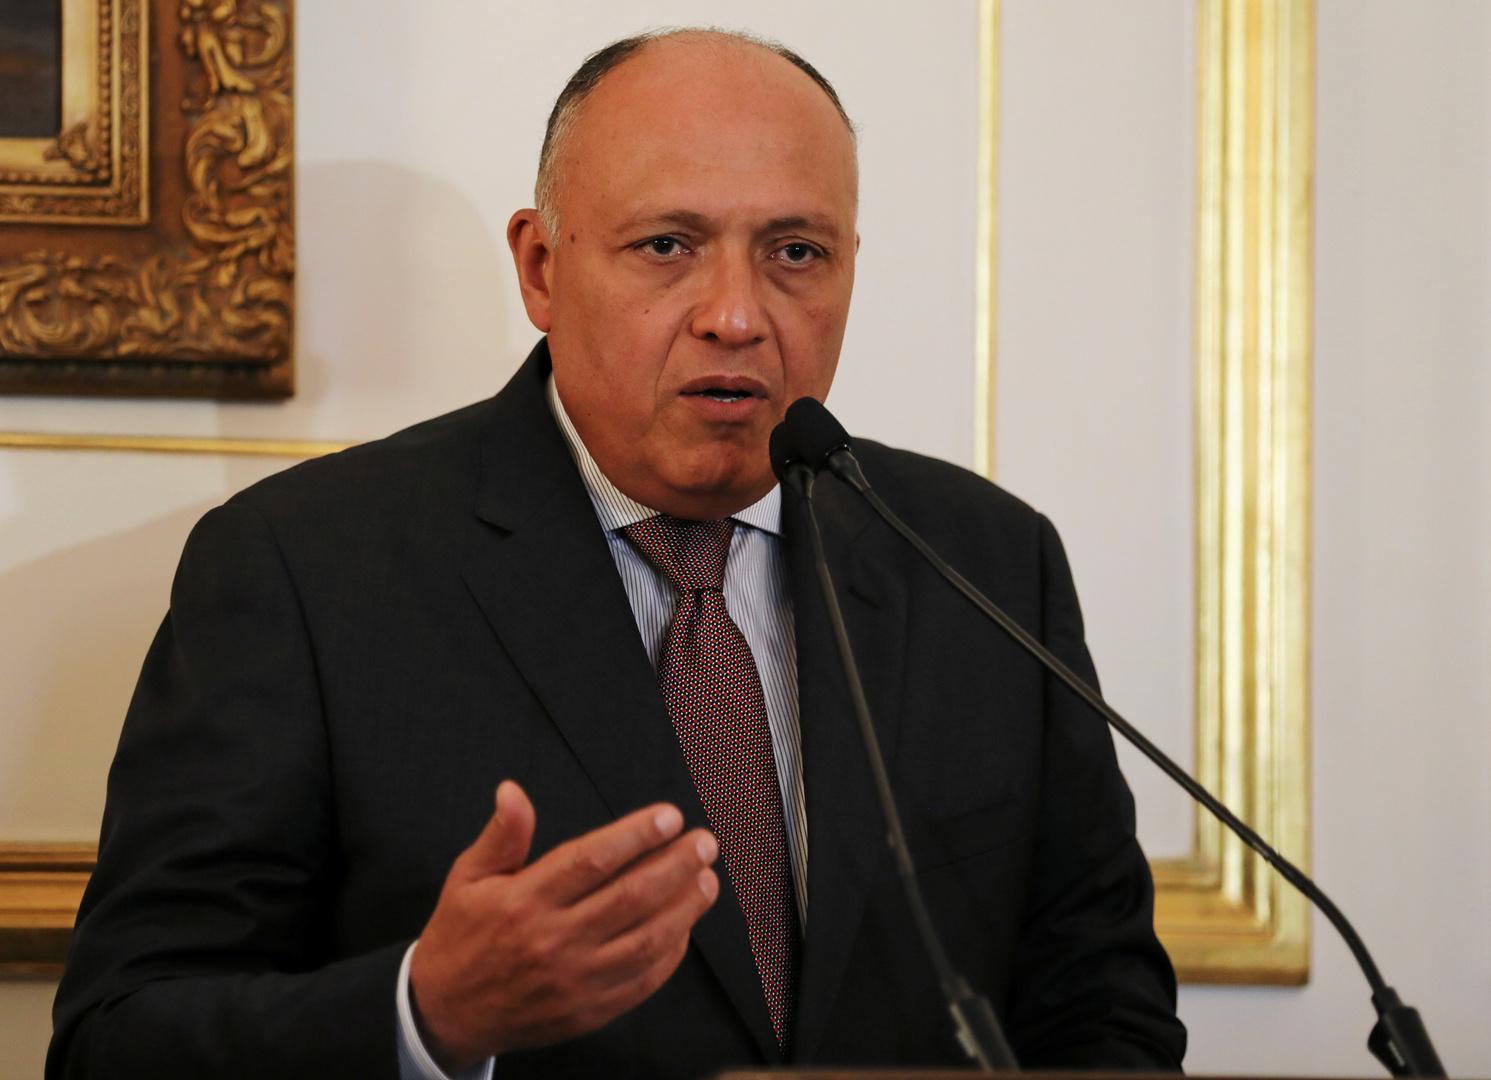 شكري يؤكد دعم مصر لسيادة ليبيا ويدعو لخروج جميع القوات الأجنبية والمرتزقة منها